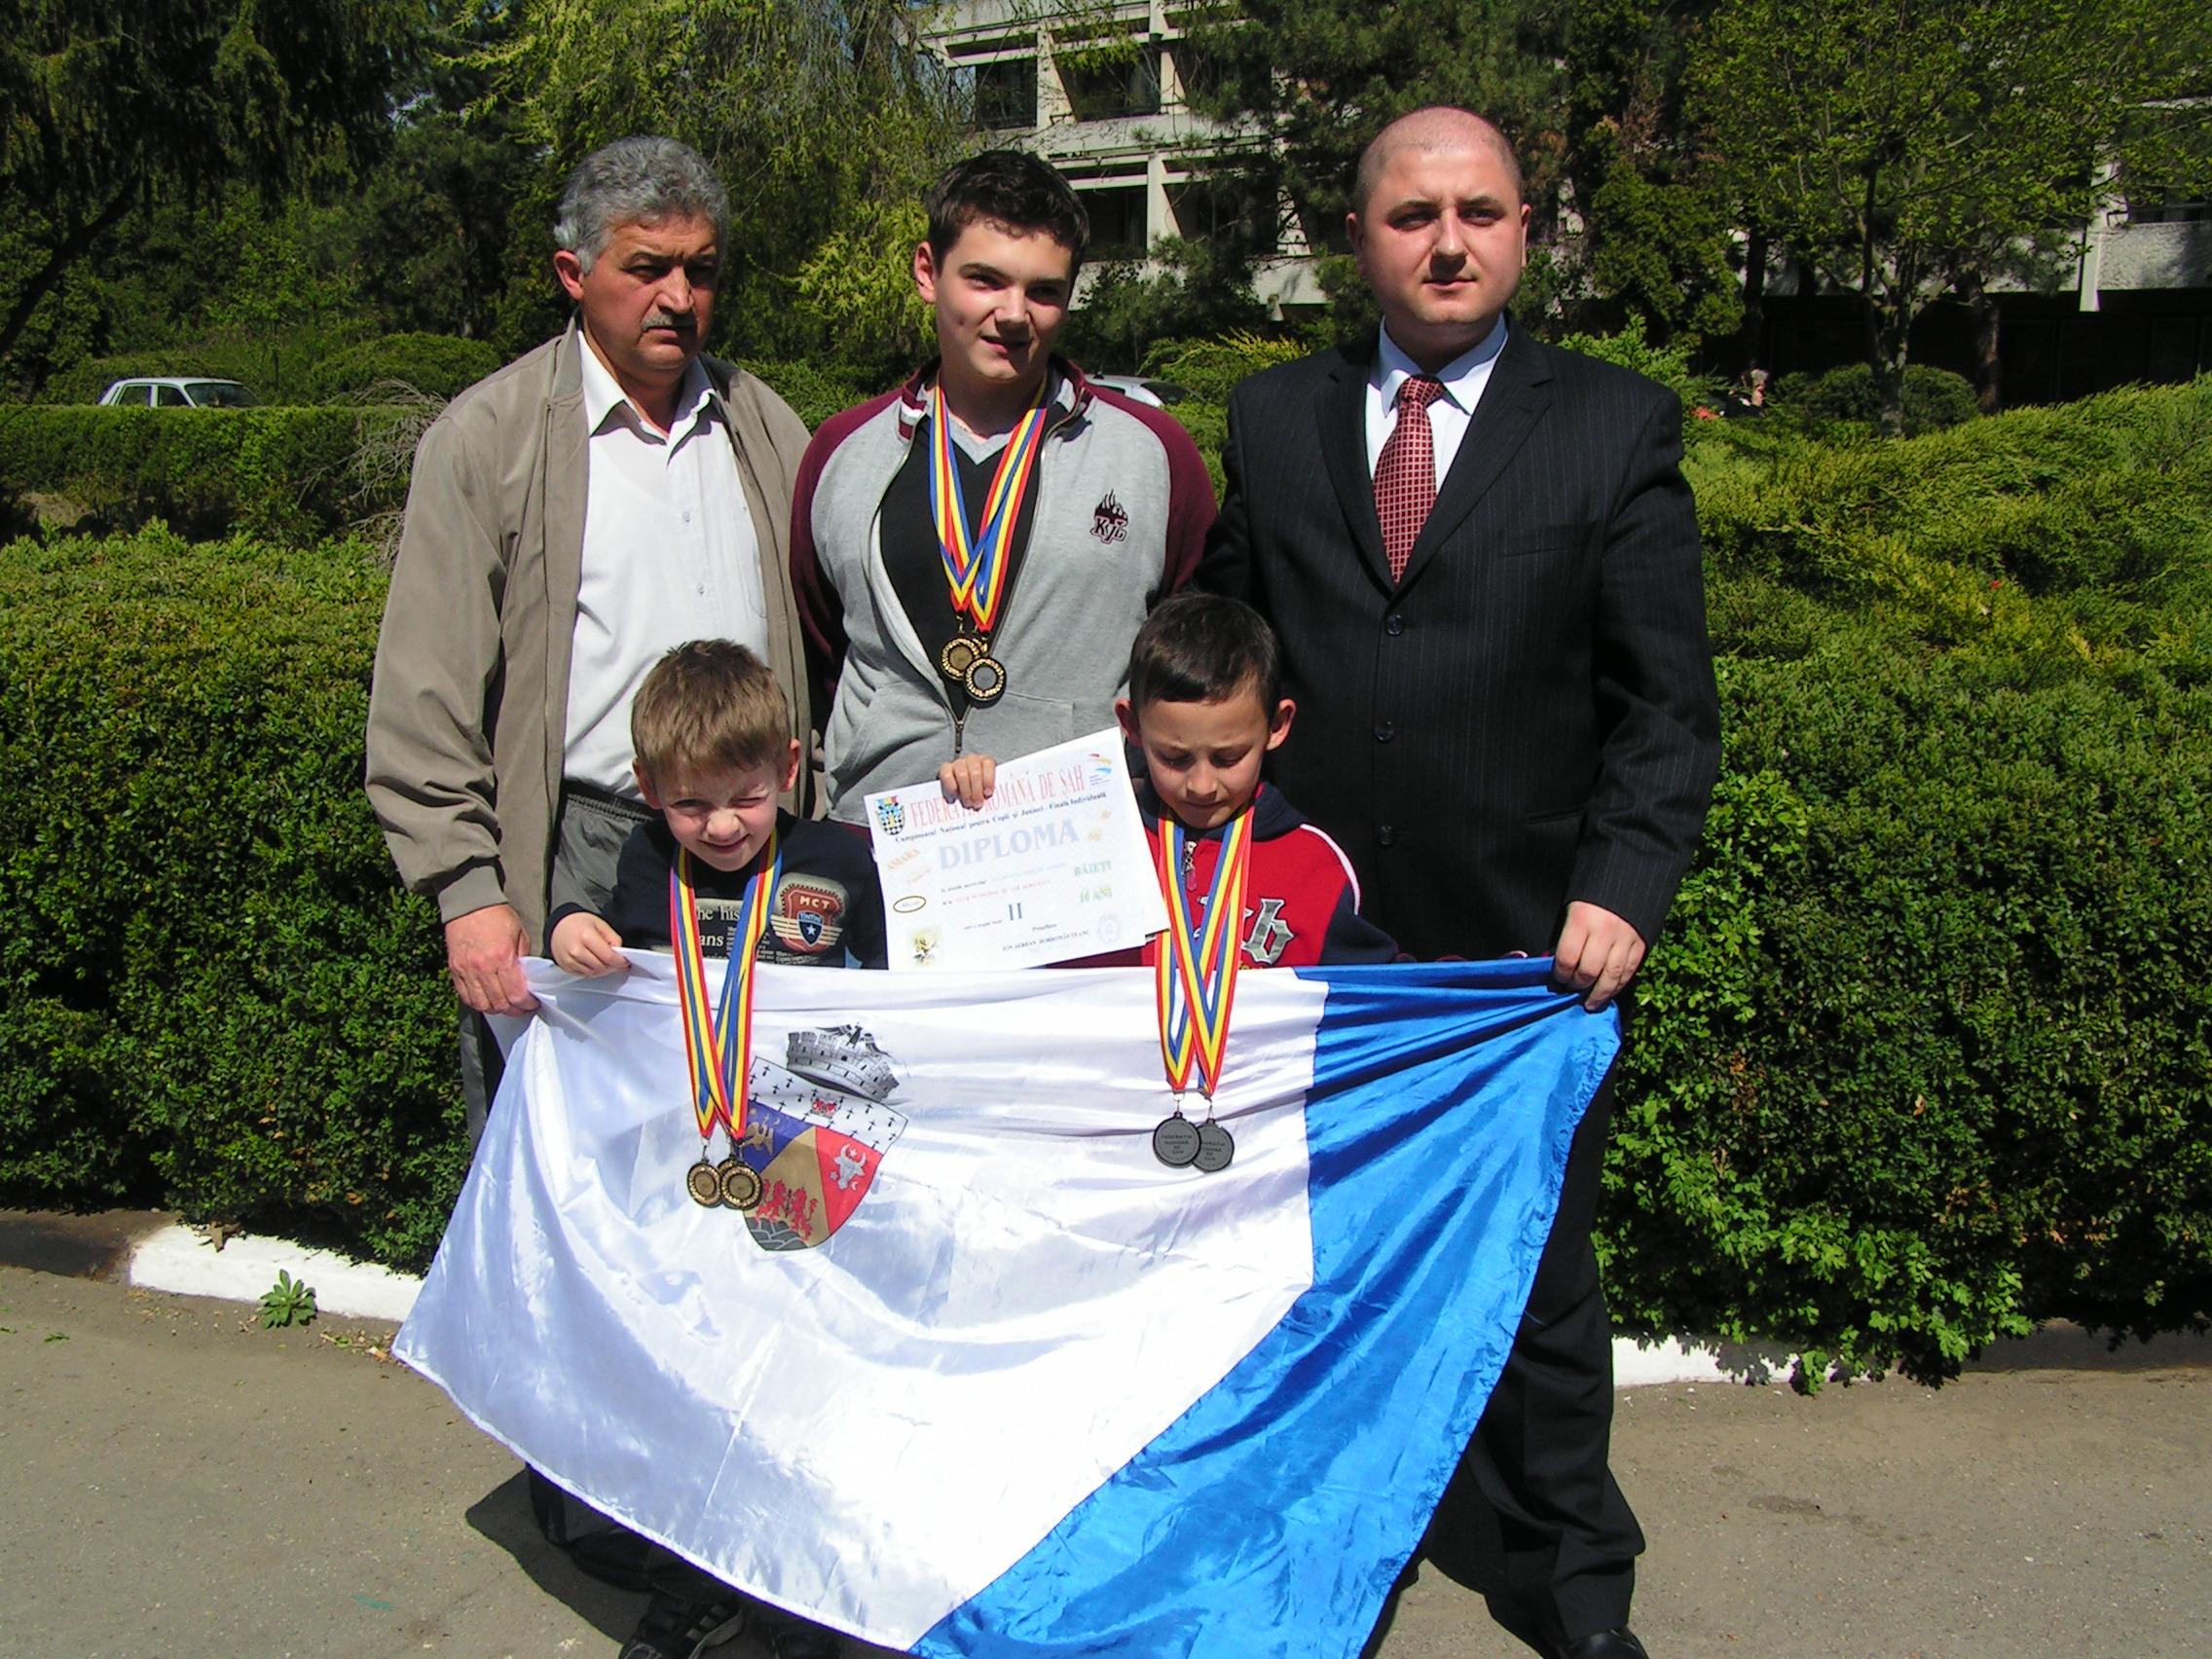 Medaliati  CN de juniori  Amara 2007